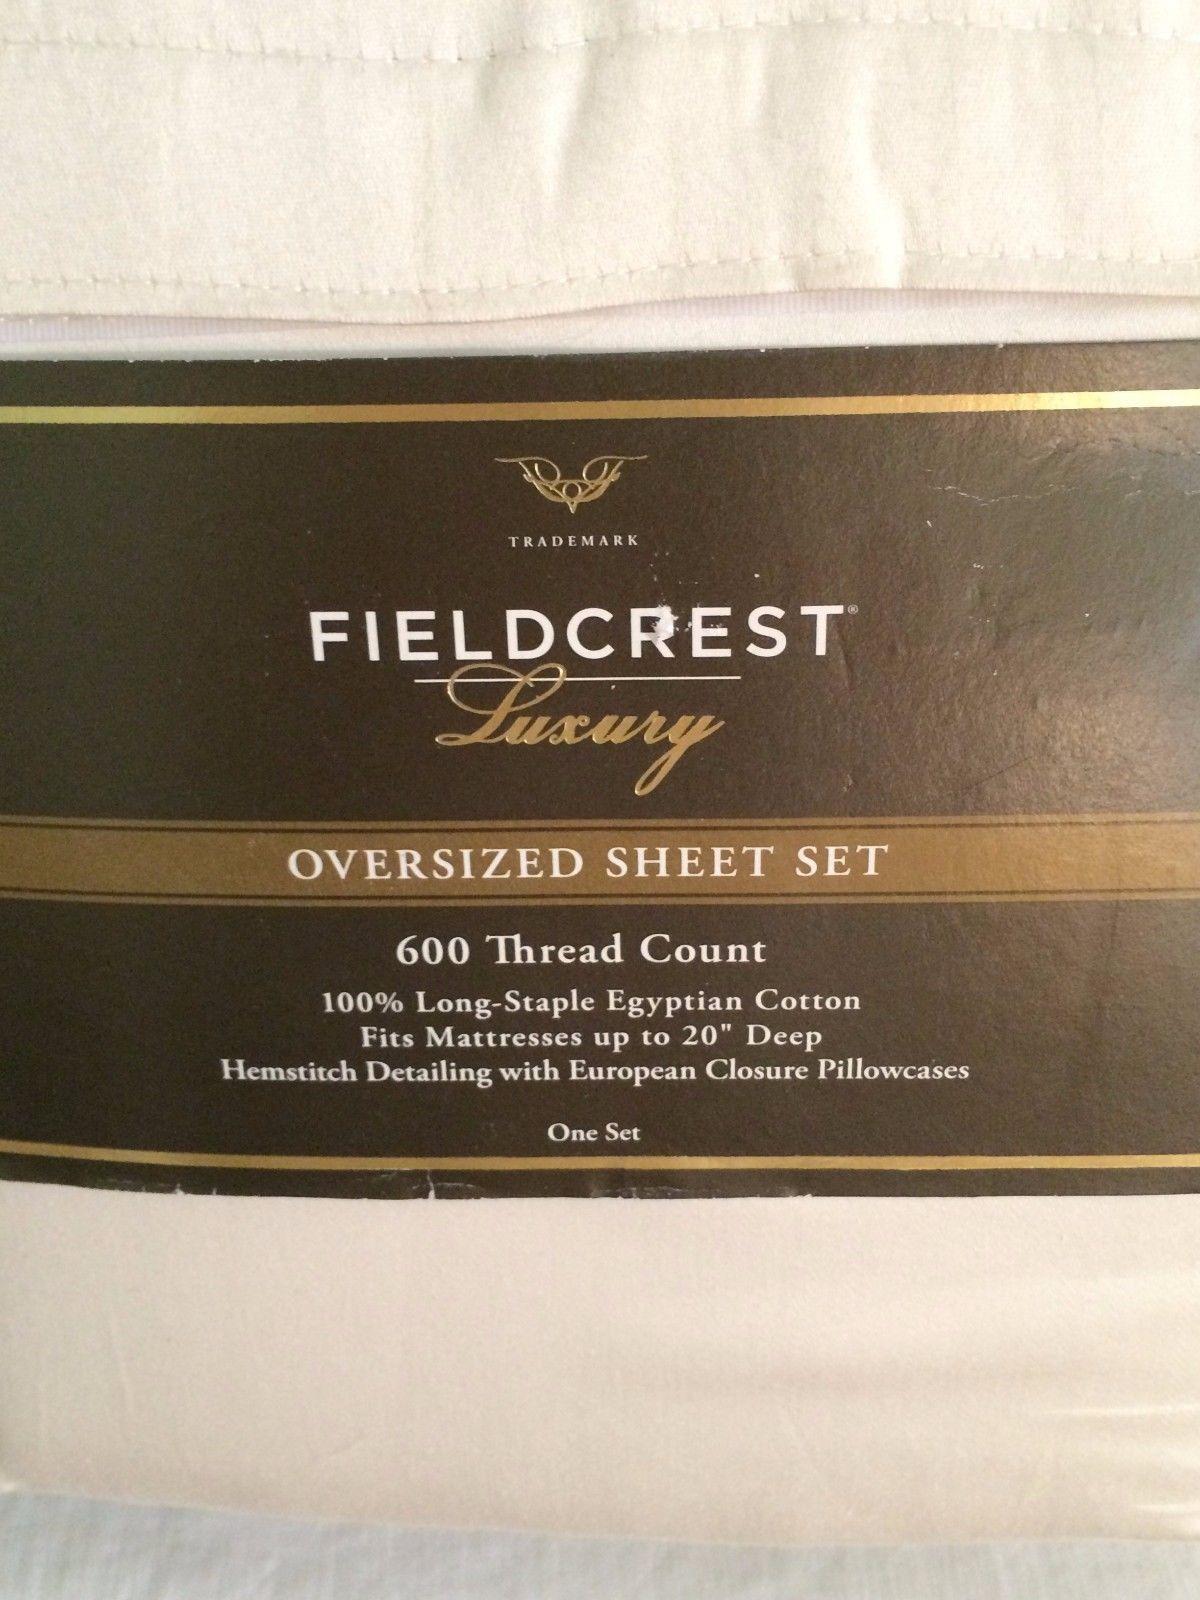 Fieldcrest Sheets | Fieldcrest Luxury Sheets | Target Sheets 1000 Thread Count